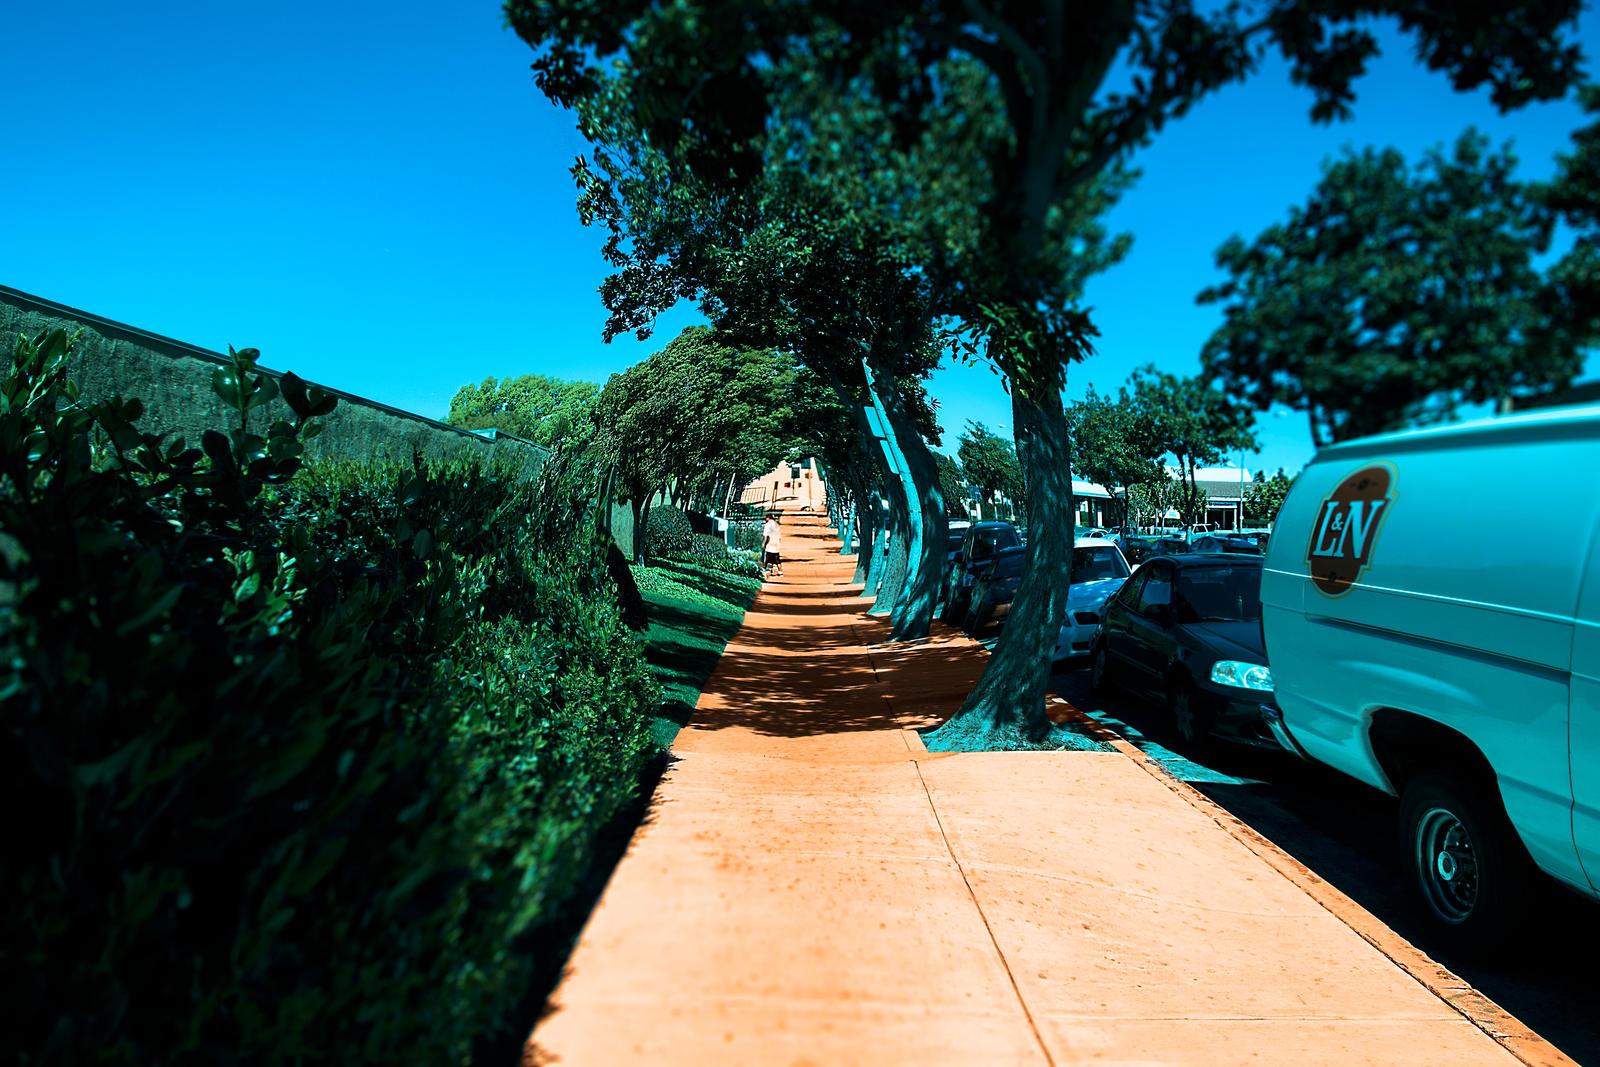 The Sidewalk by dannypyle